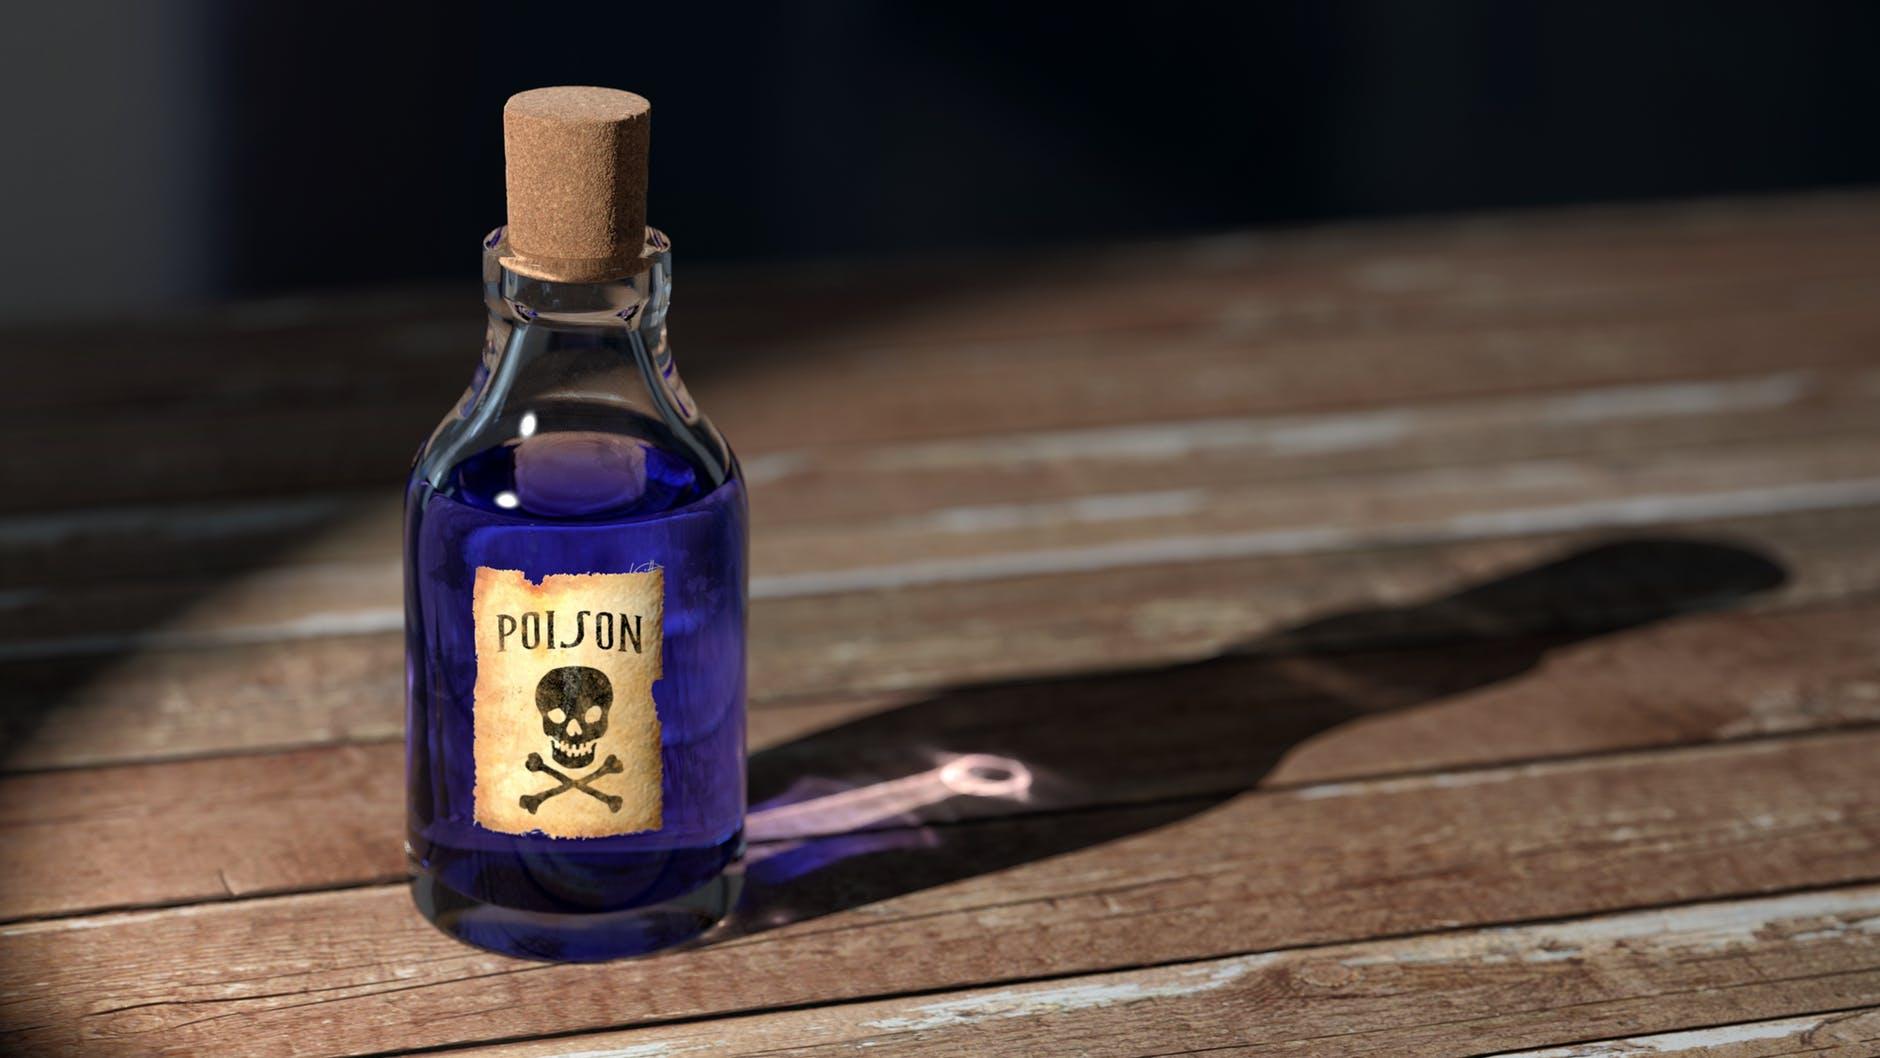 poison-bottle-medicine-old-159296.jpeg